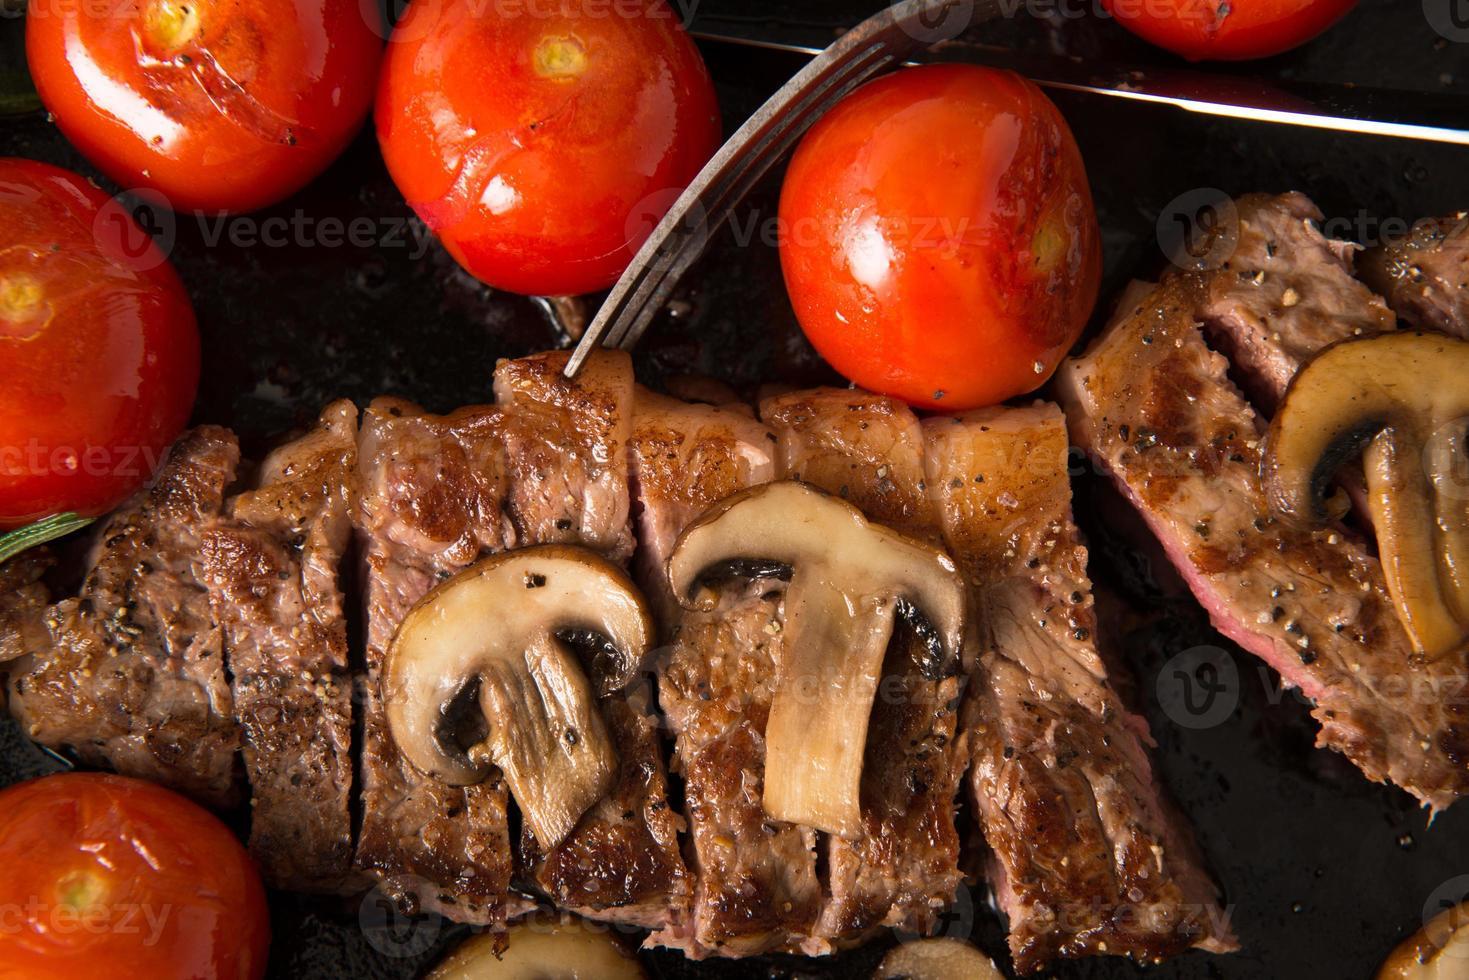 Grillstreifen-Lendensteak-Serie: Das Steak wird in Scheiben geschnitten foto